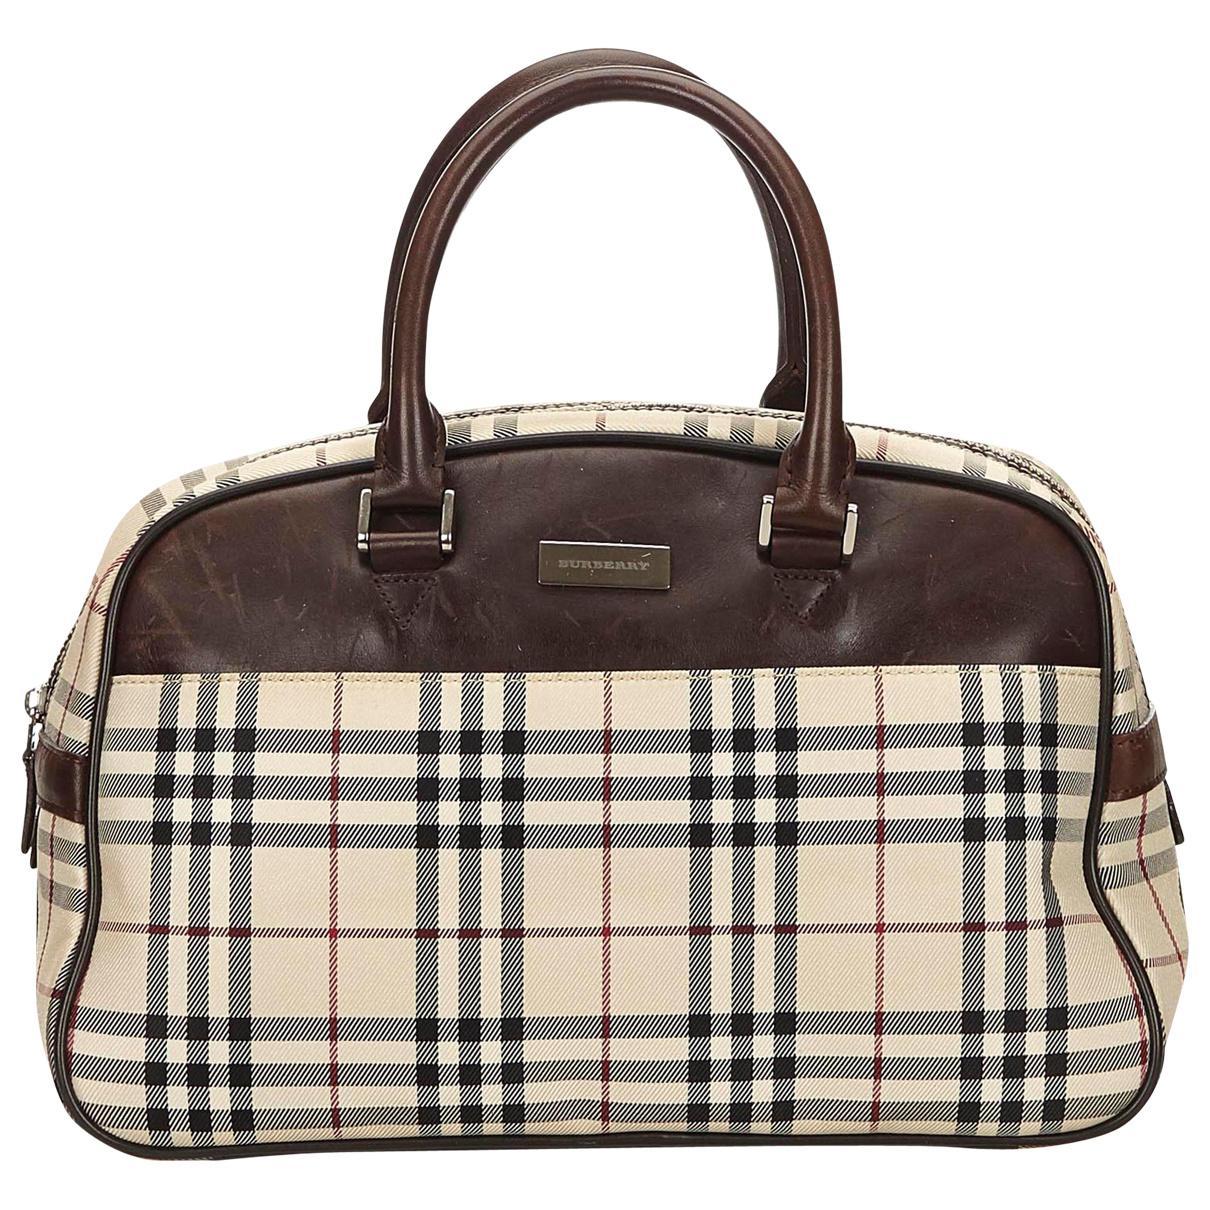 Burberry Cloth Handbag in Brown - Lyst 5ddd744590555